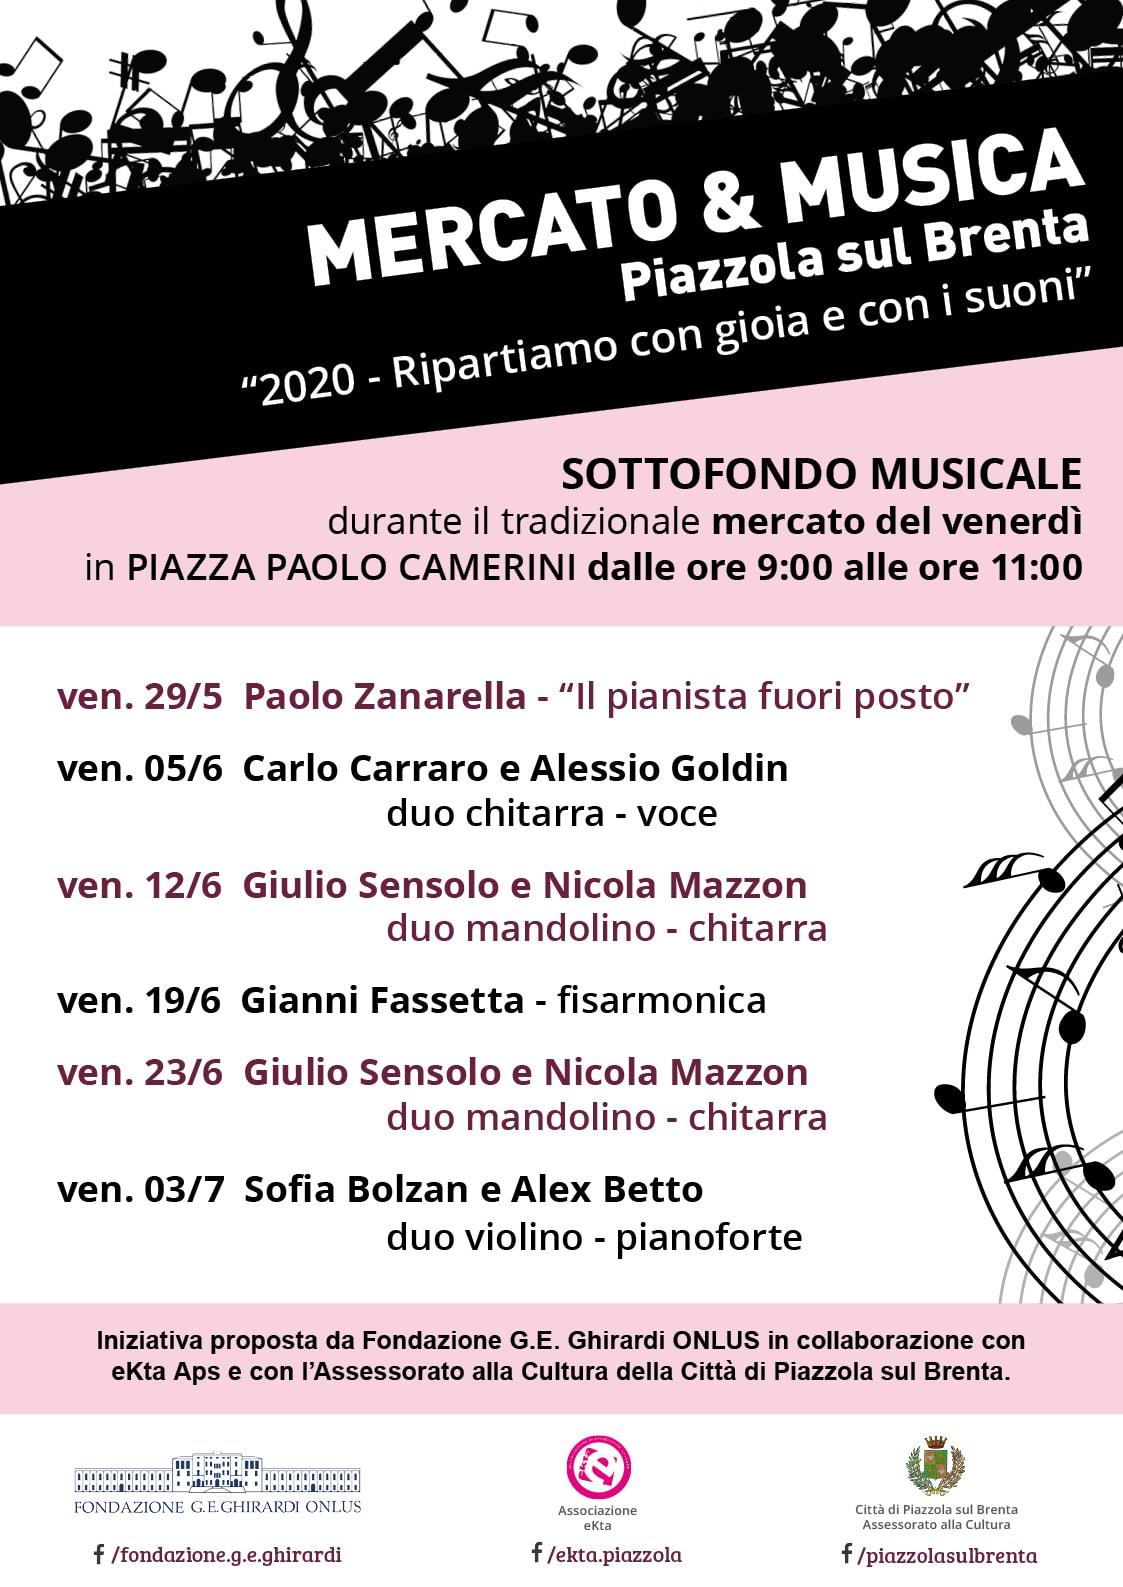 http://www.fondazioneghirardi.org/wp-content/uploads/2020/05/prolungamento-rassegna-mercato-e-musica.pdf